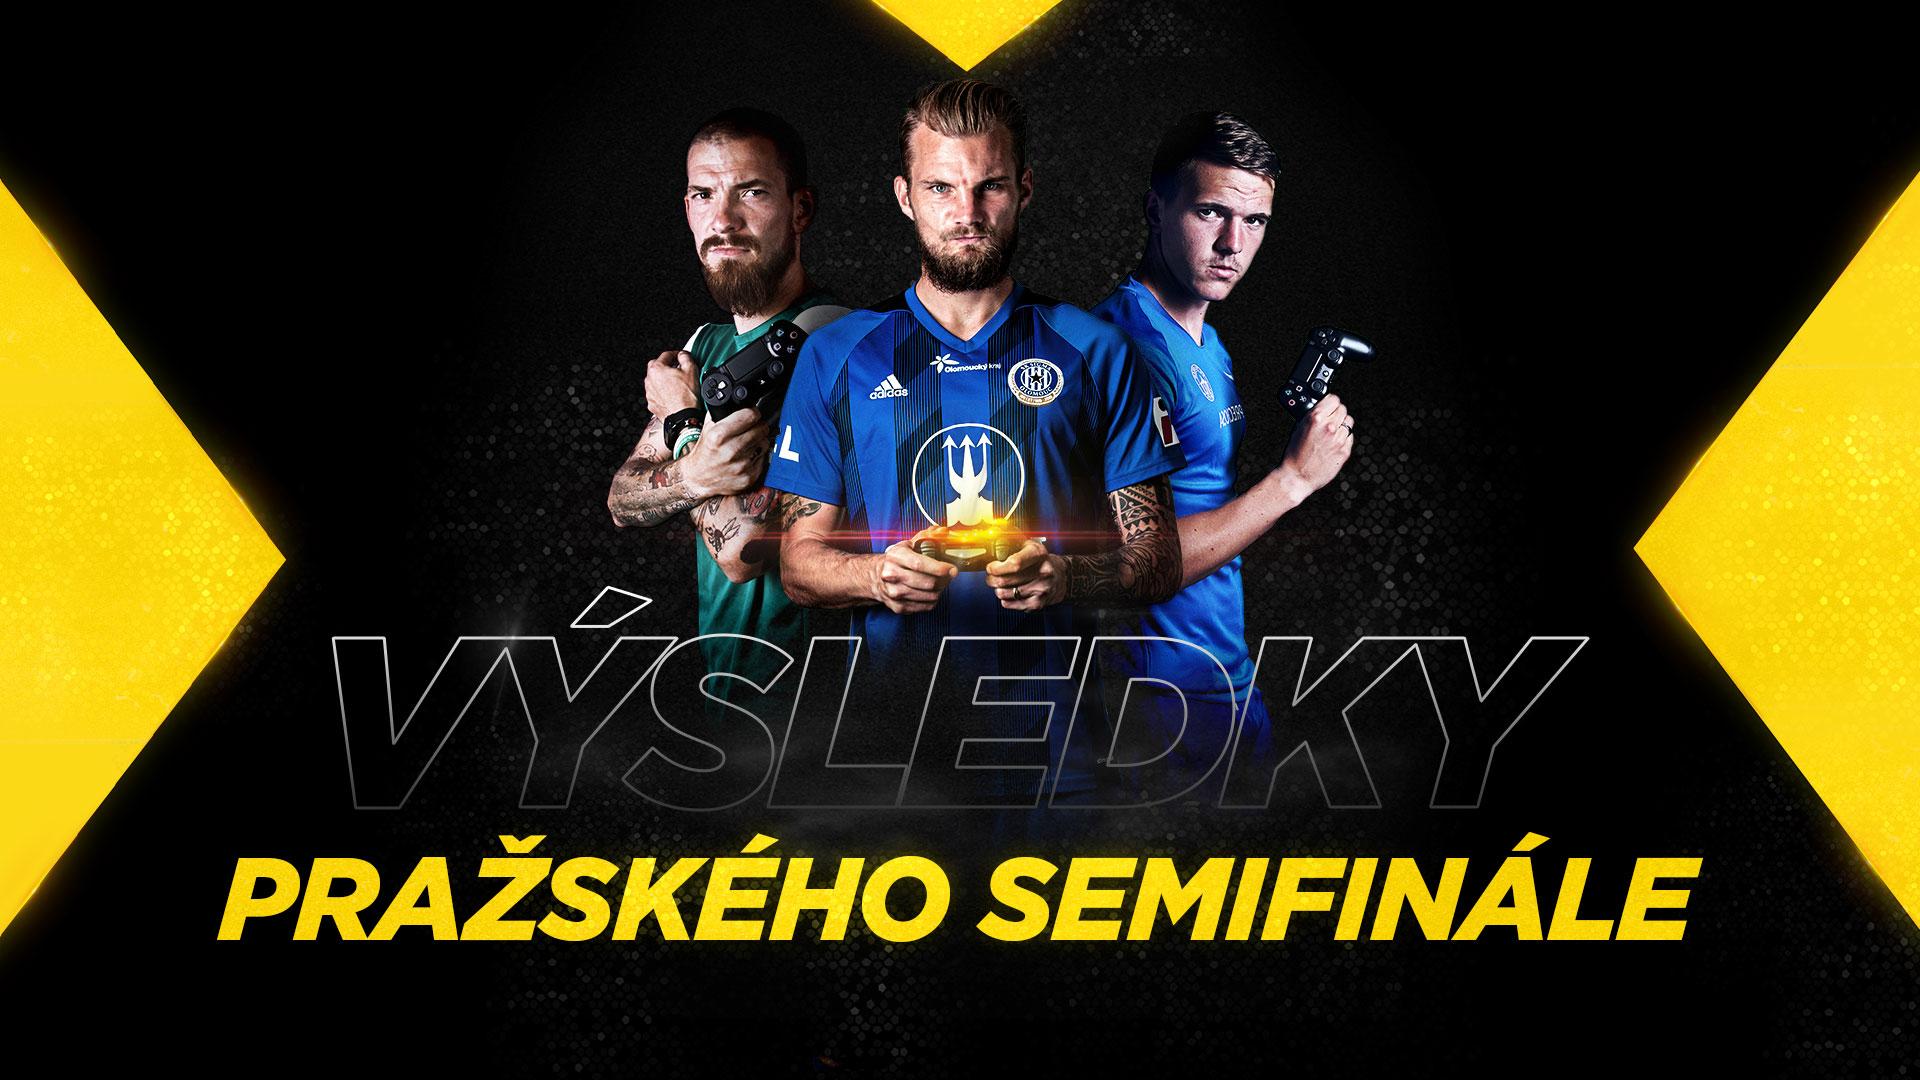 sobotni-semifinale-plne-prekvapeni